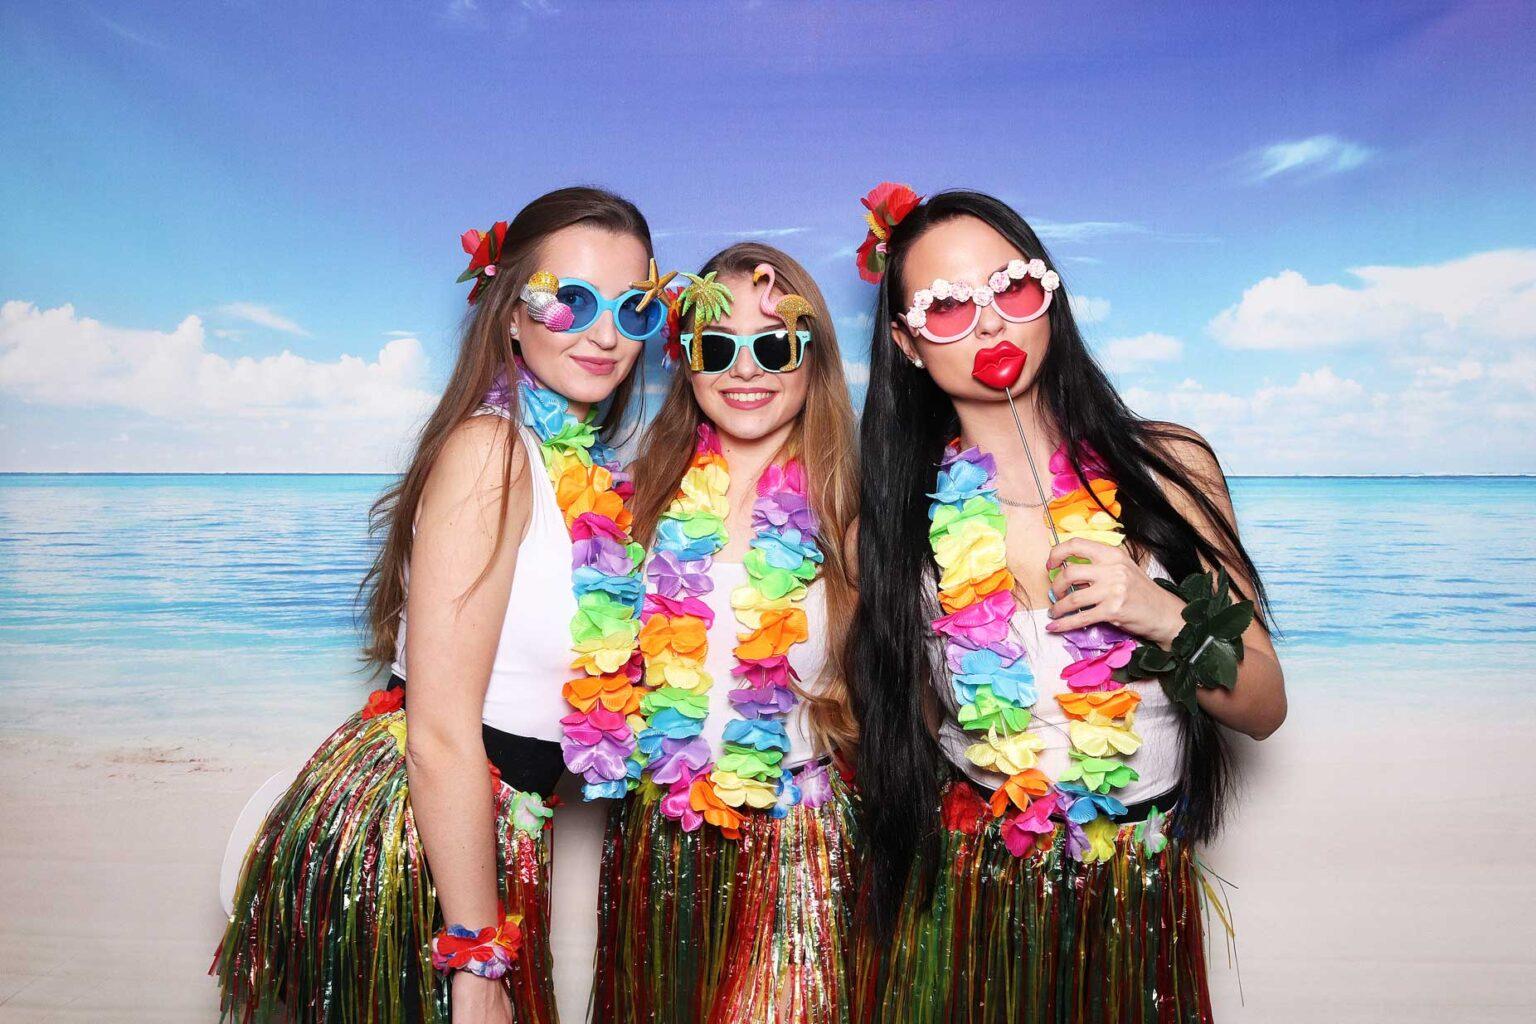 Fotokútik Beach party - tropický večierok - fotobox prenájom fotostena.